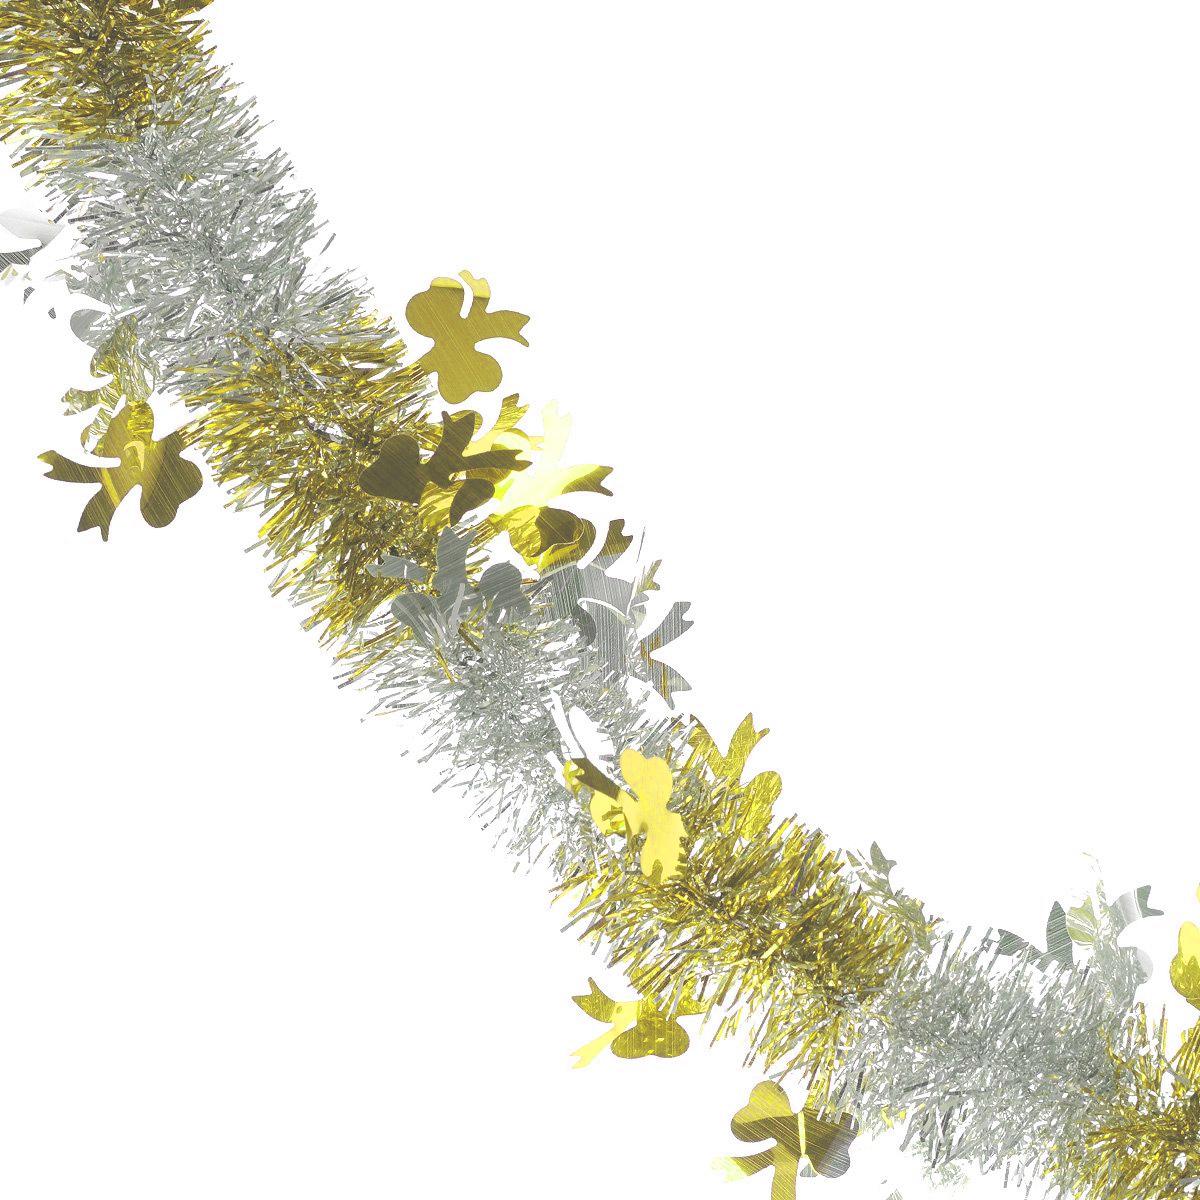 Мишура новогодняя Sima-land, цвет: серебристый, золотистый, диаметр 5 см, длина 200 см. 702605702605_желтыйМишура новогодняя Sima-land, выполненная из двухцветной фольги, поможет вам украсить свой дом к предстоящим праздникам. Мишура армирована, то есть имеет проволоку внутри и способна сохранять приданную ей форму. Новогодняя елка с таким украшением станет еще наряднее. Новогодней мишурой можно украсить все, что угодно - елку, квартиру, дачу, офис - как внутри, так и снаружи. Можно сложить новогодние поздравления, буквы и цифры, мишурой можно украсить и дополнить гирлянды, можно выделить дверные колонны, оплести дверные проемы. Коллекция декоративных украшений из серии Зимнее волшебство принесет в ваш дом ни с чем несравнимое ощущение праздника! Создайте в своем доме атмосферу тепла, веселья и радости, украшая его всей семьей.